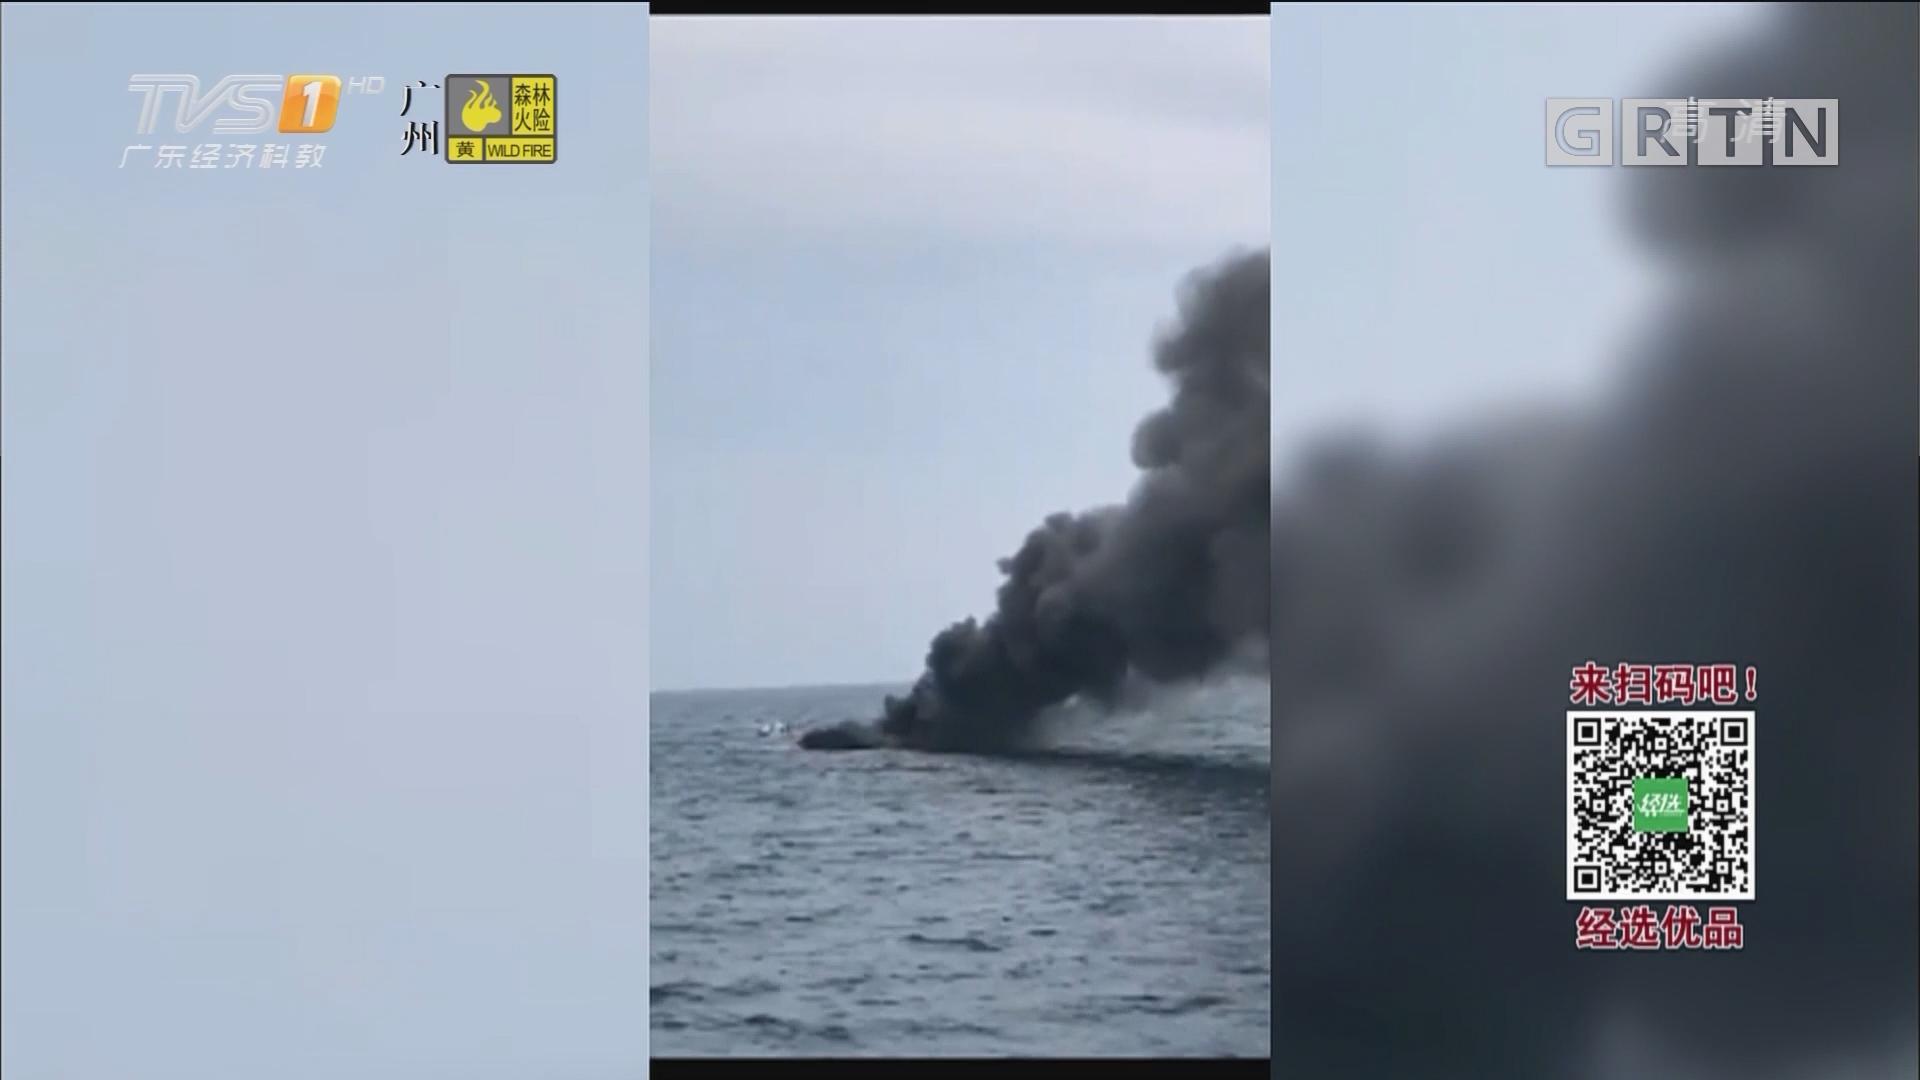 泰国快艇起火爆炸 致5名中国游客重伤